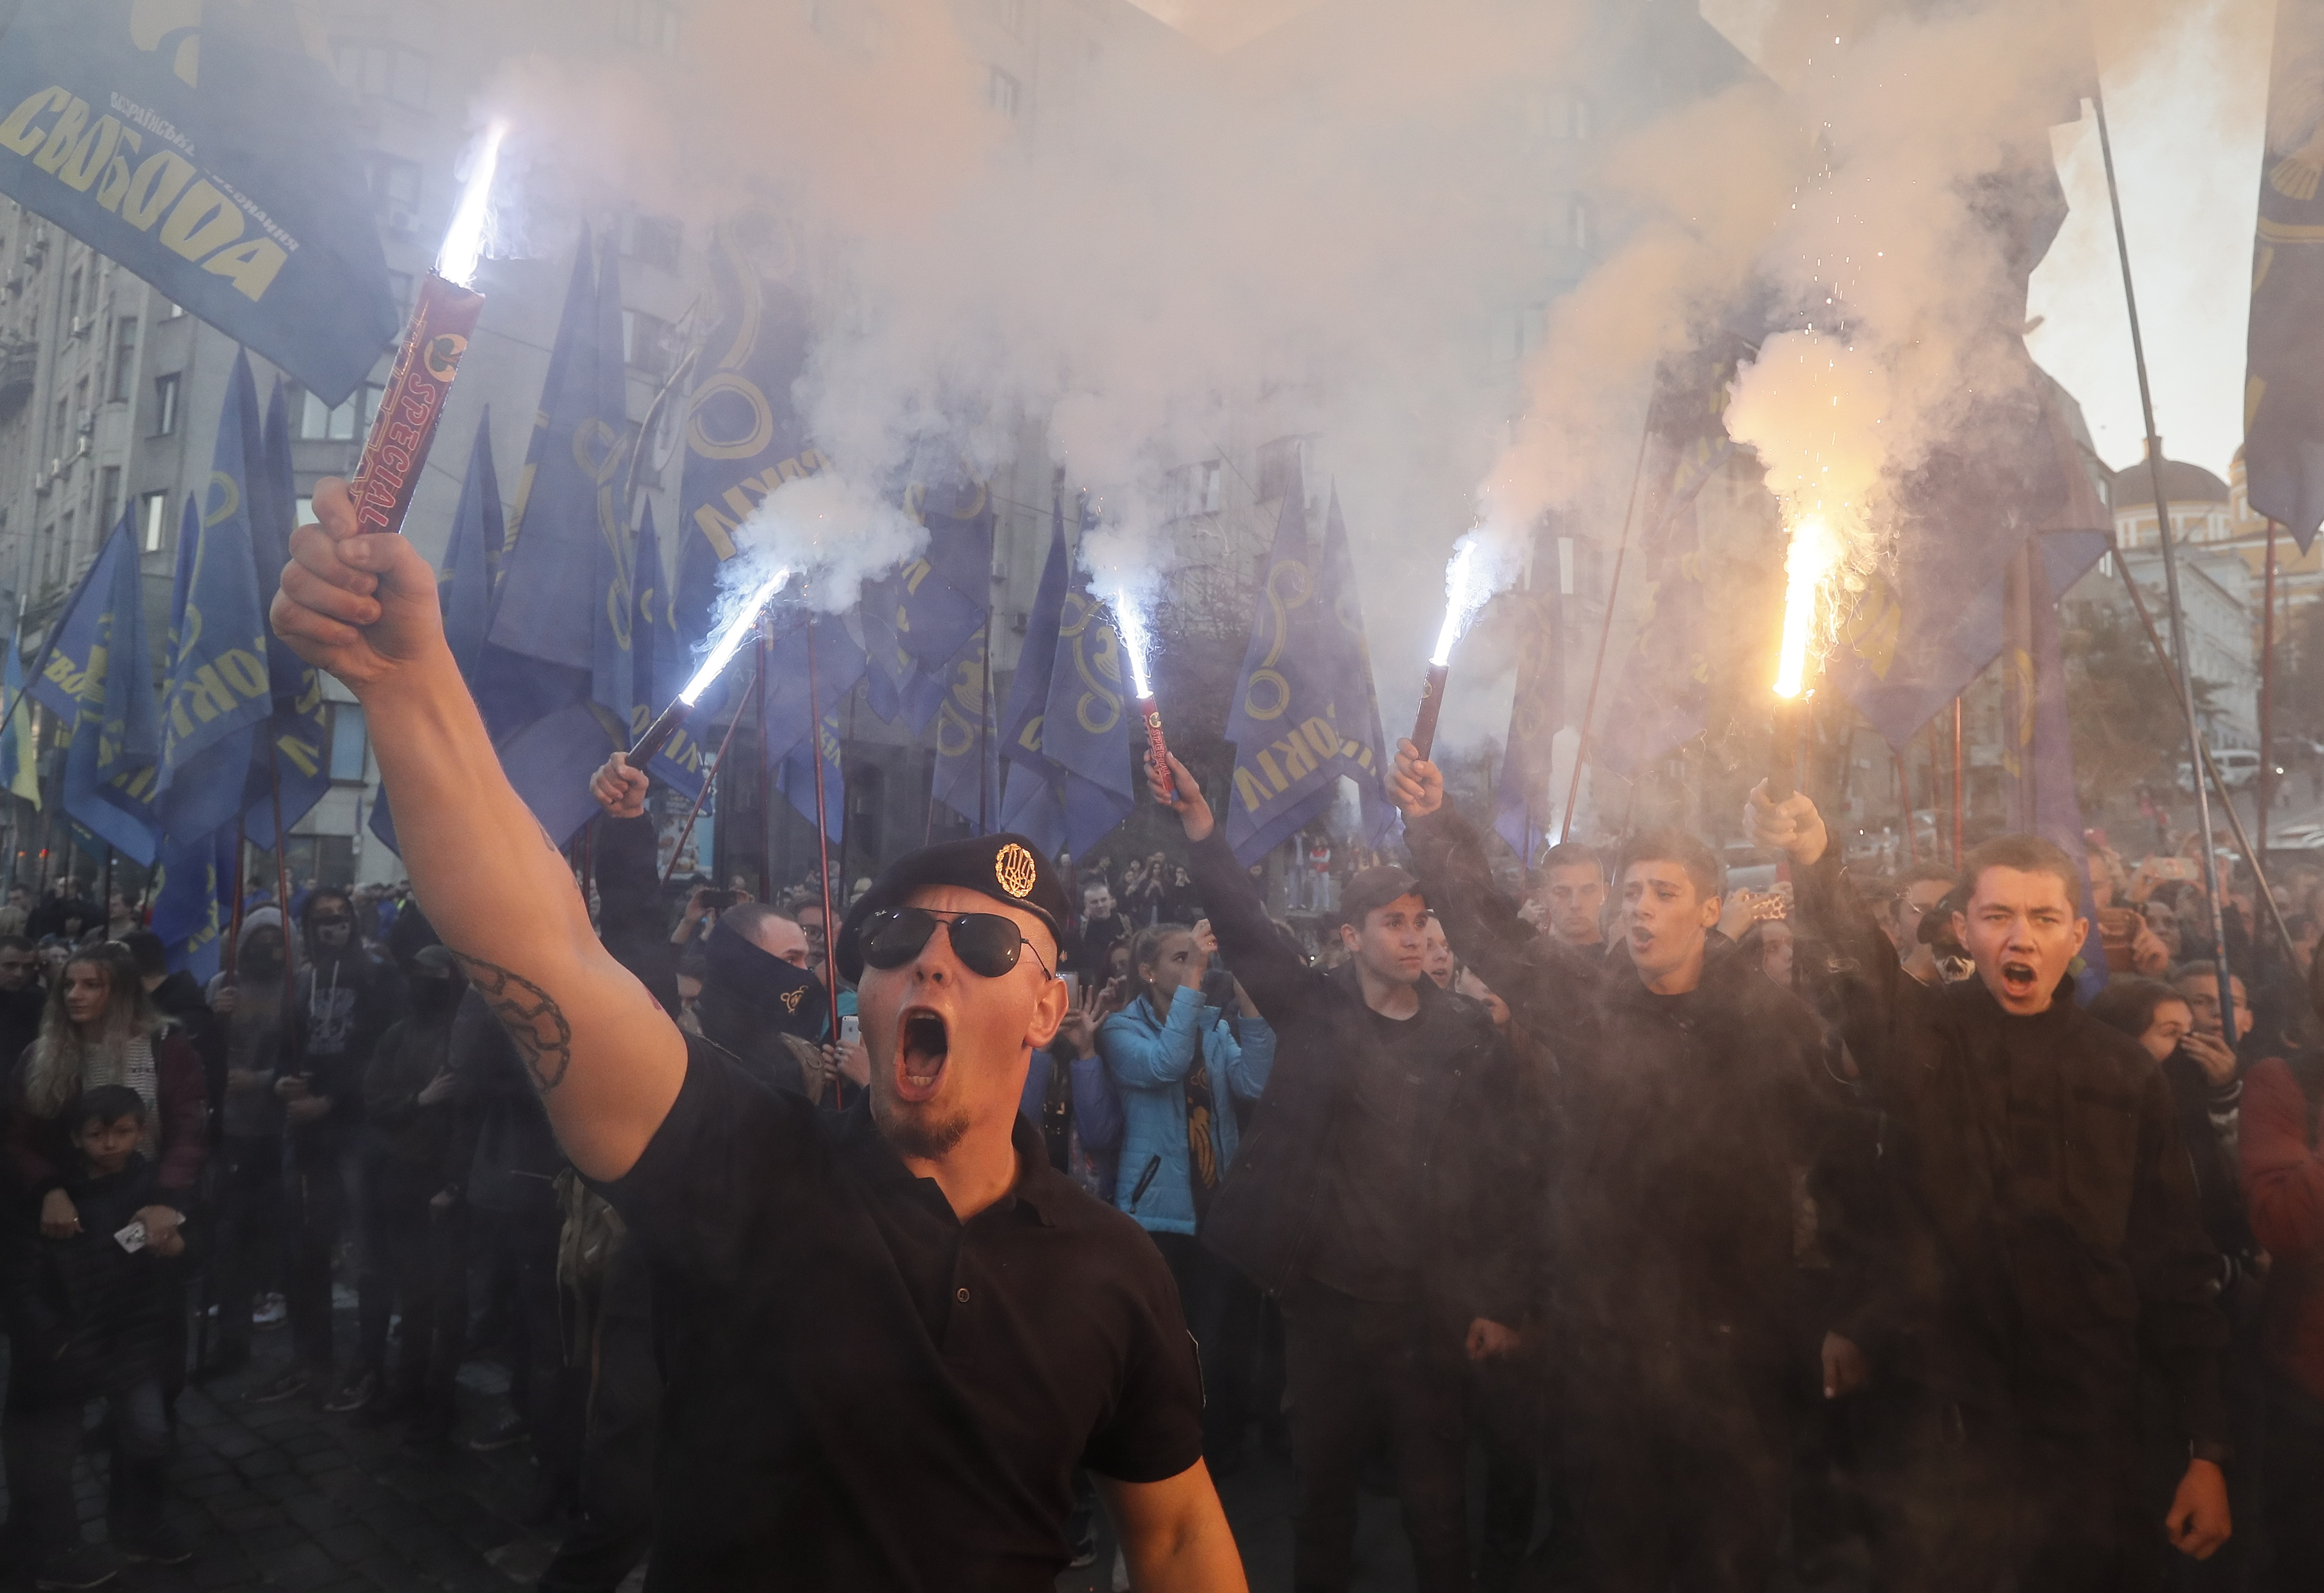 DESNIČARI MARŠIRALI KIJEVOM: Obilježili godišnjicu 'Ukrajinske ustaničke armije' osnovane prije 76 godina za vrijeme nacističke okupacije